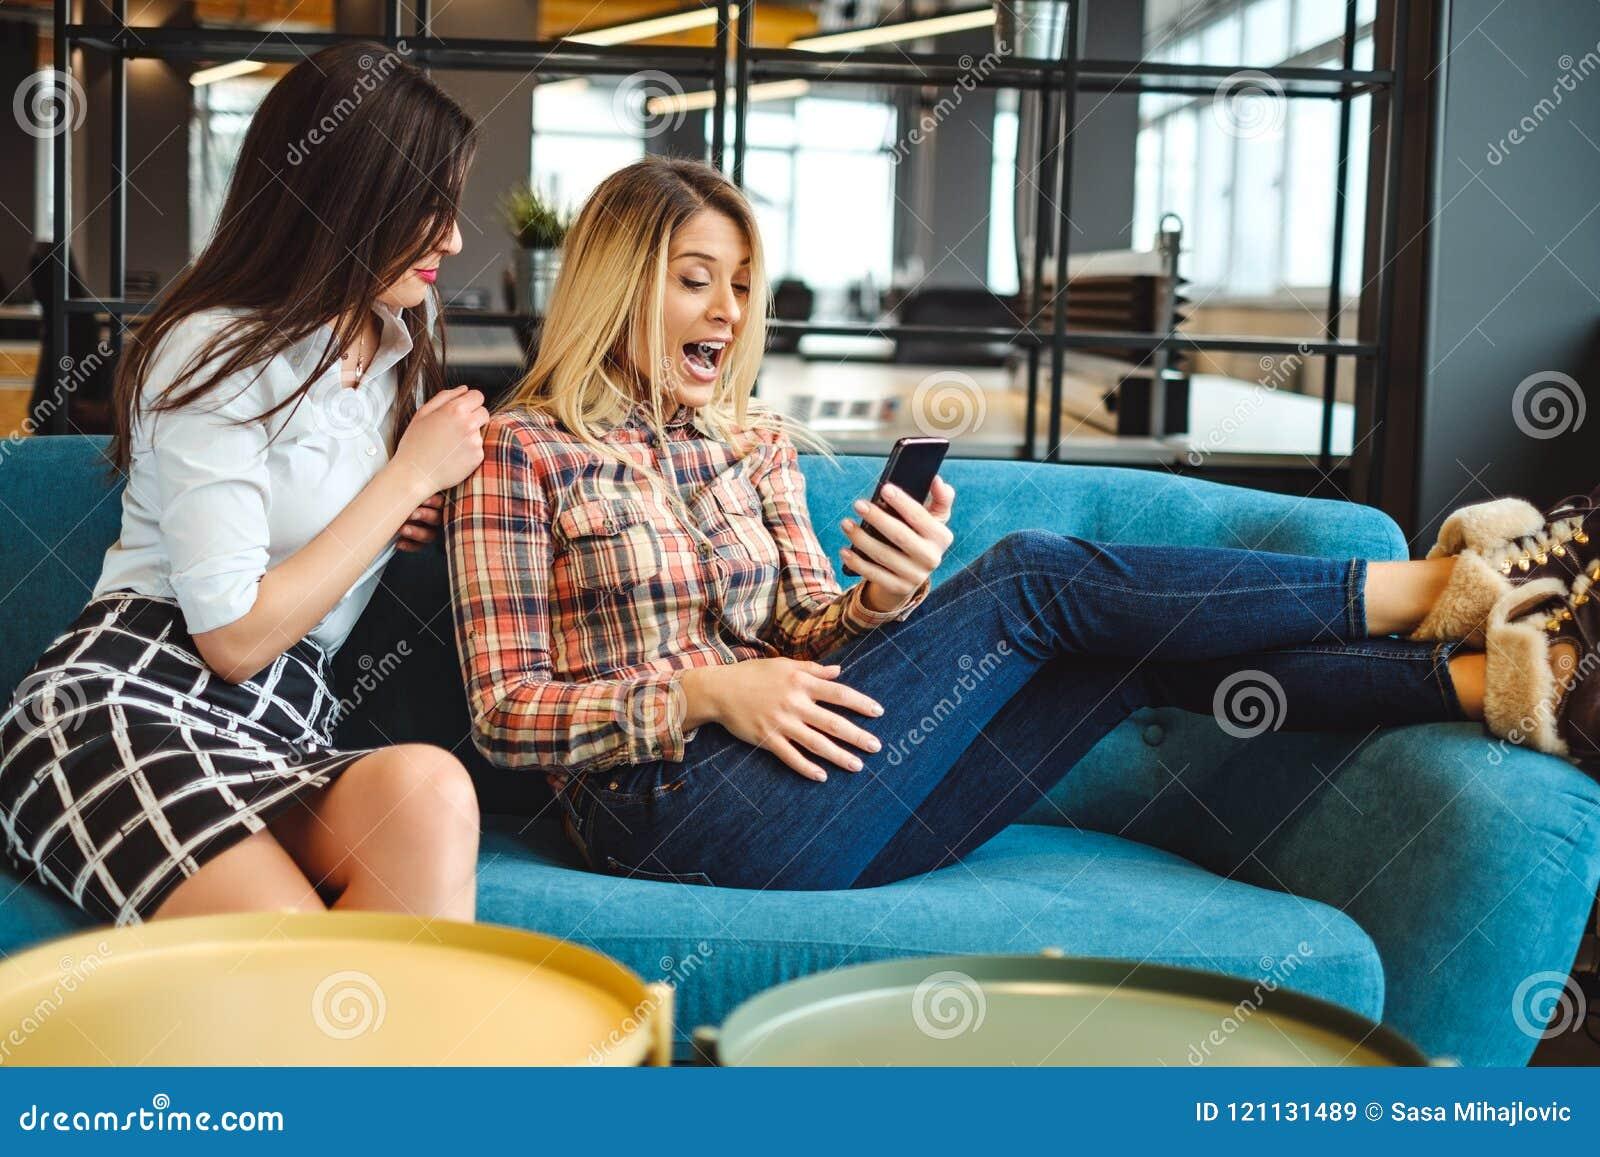 Η γυναίκα συνάδελφοι στο σπάσιμο εξέπληξε εξετάζοντας το κινητό pho